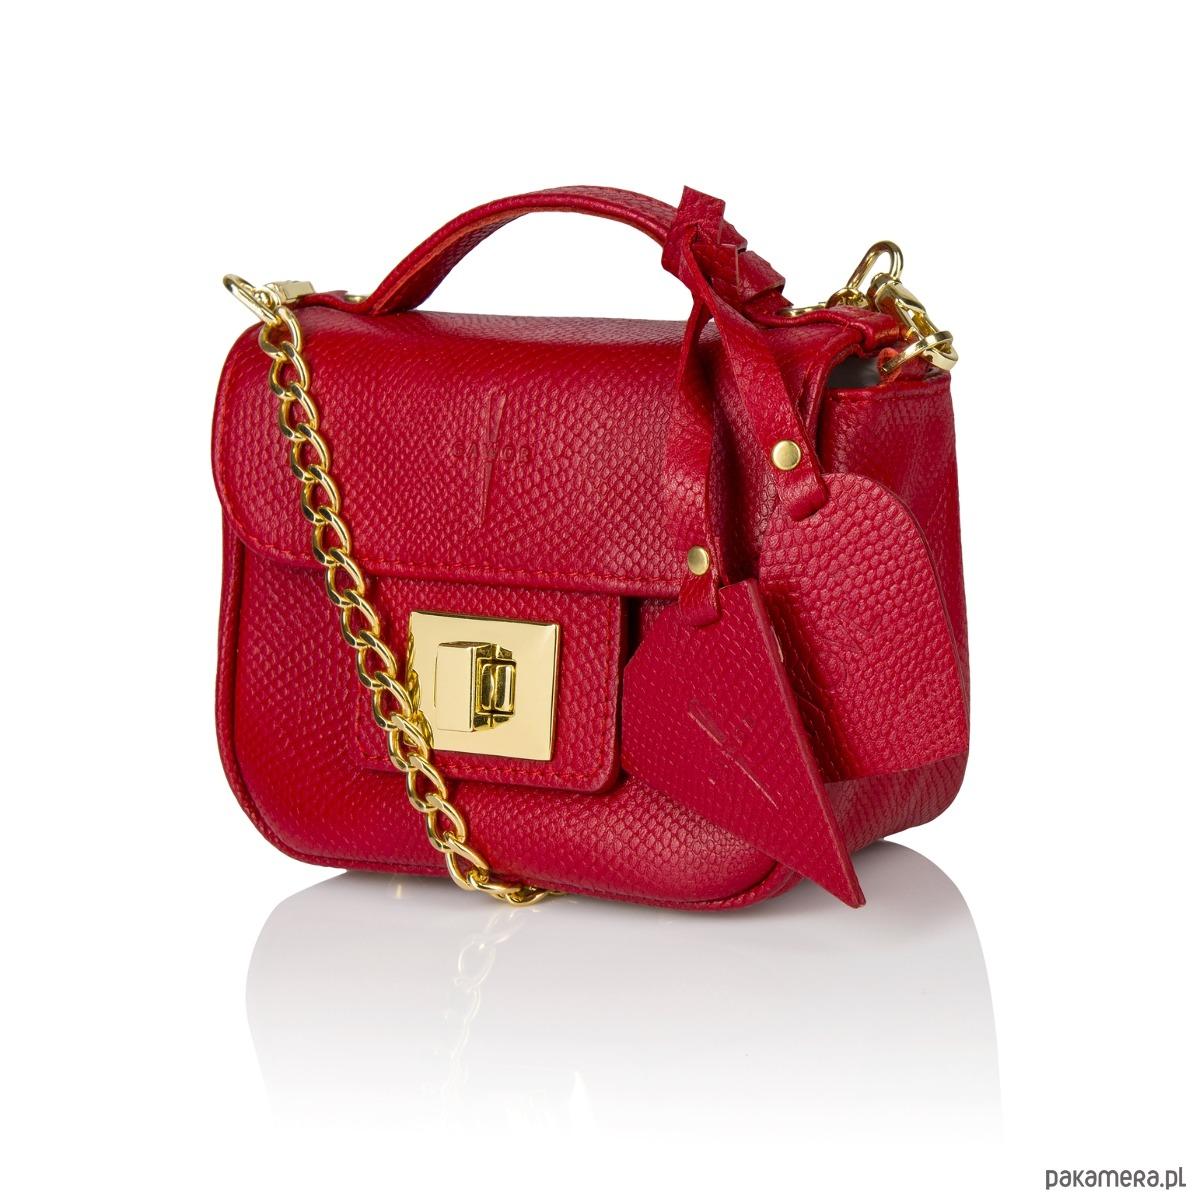 41aaabf8664e6 Skórzana torebka kuferek czerwona złote dodatki - torebki mini ...